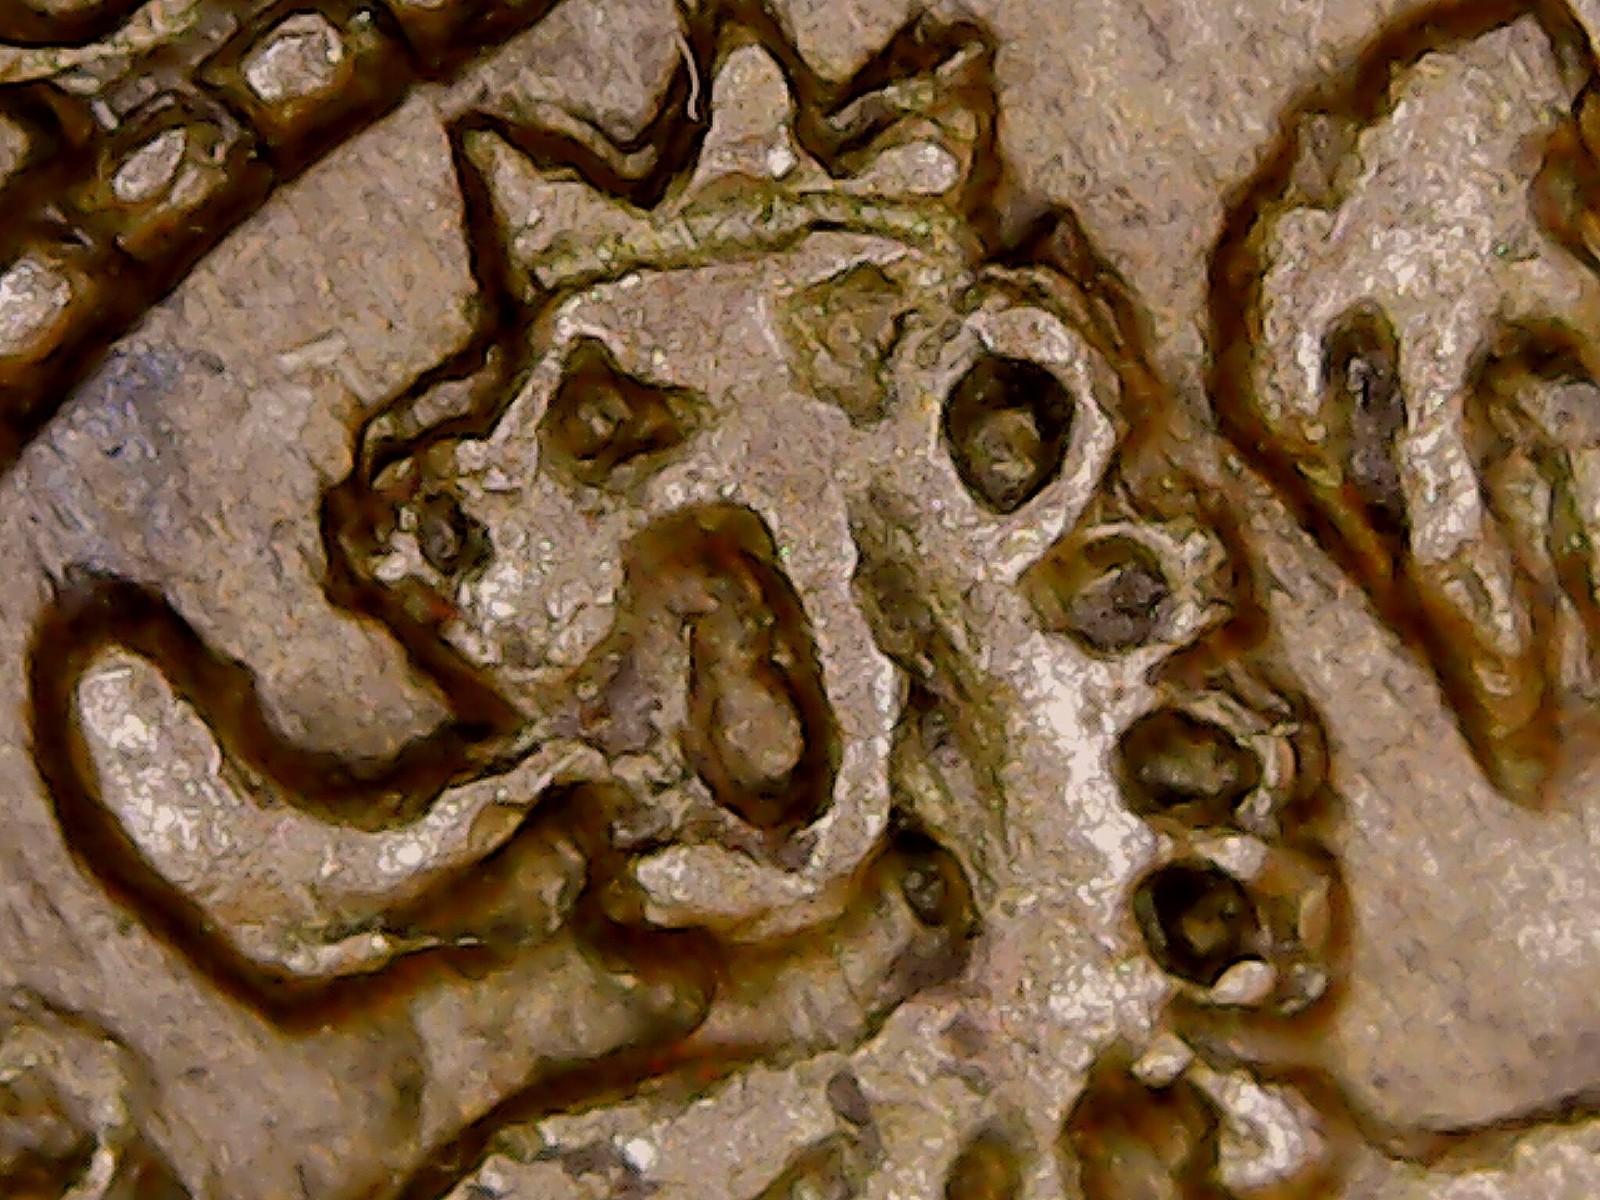 Resultados de un microscopio USB: detalles de las monedas  I6y32a